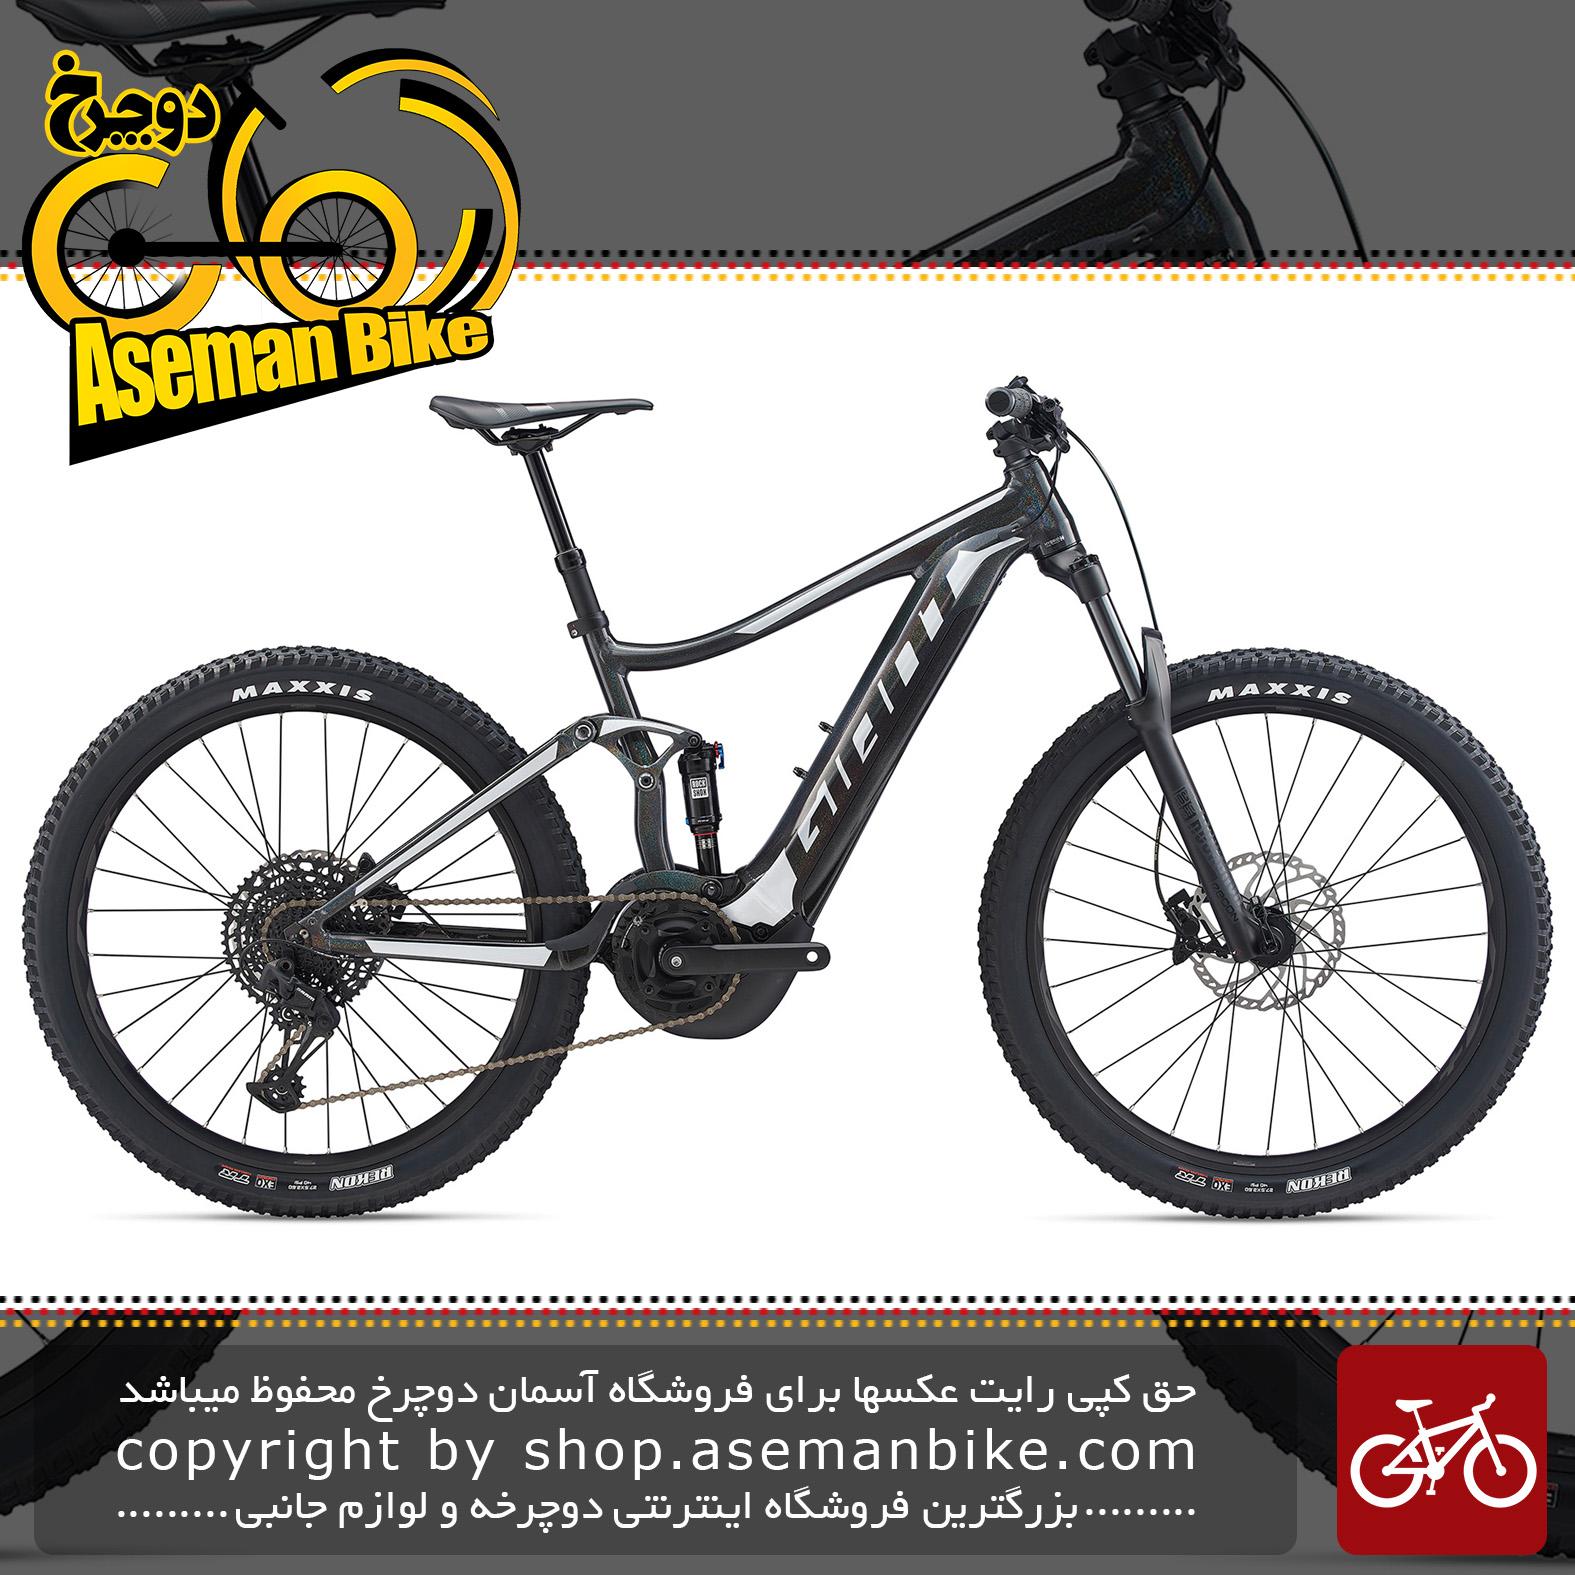 دوچرخه کوهستان برقی جاینت مدل استنس ای پلاس 1 2020 Giant Mountain Bicycle Stance E+ 1 2020